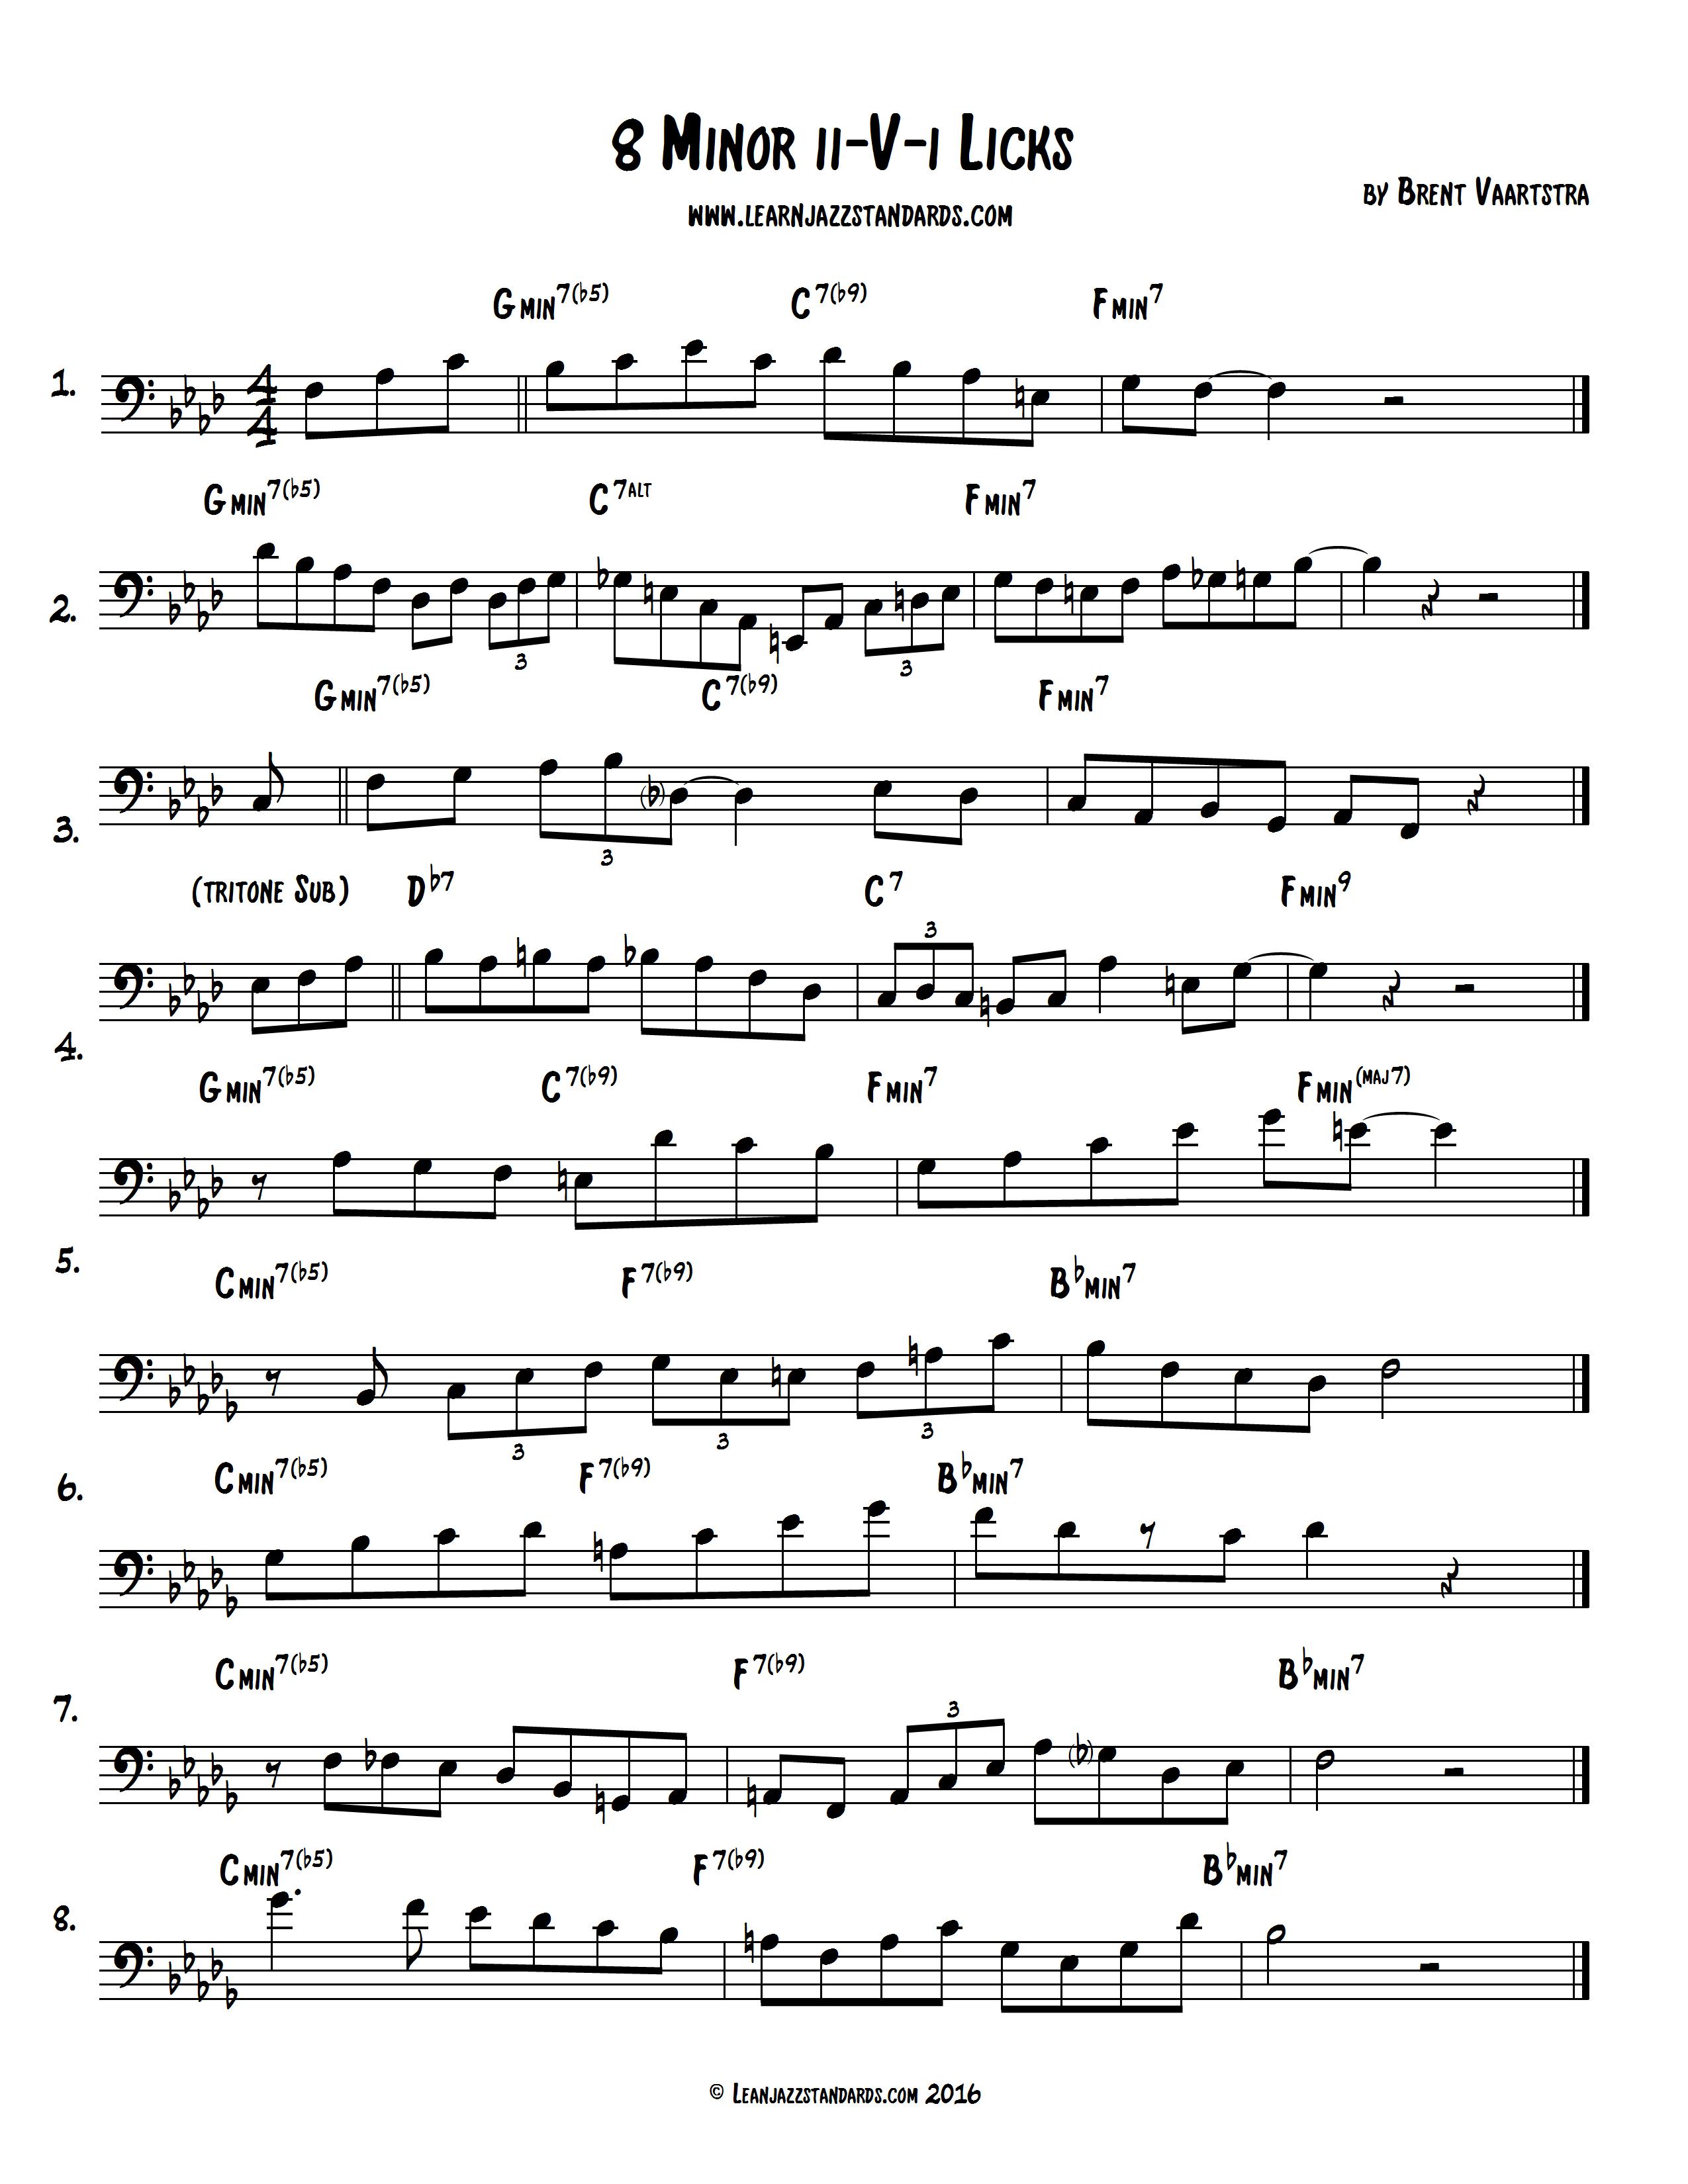 8 Minor ii-V-i Licks - Learn Jazz Standards